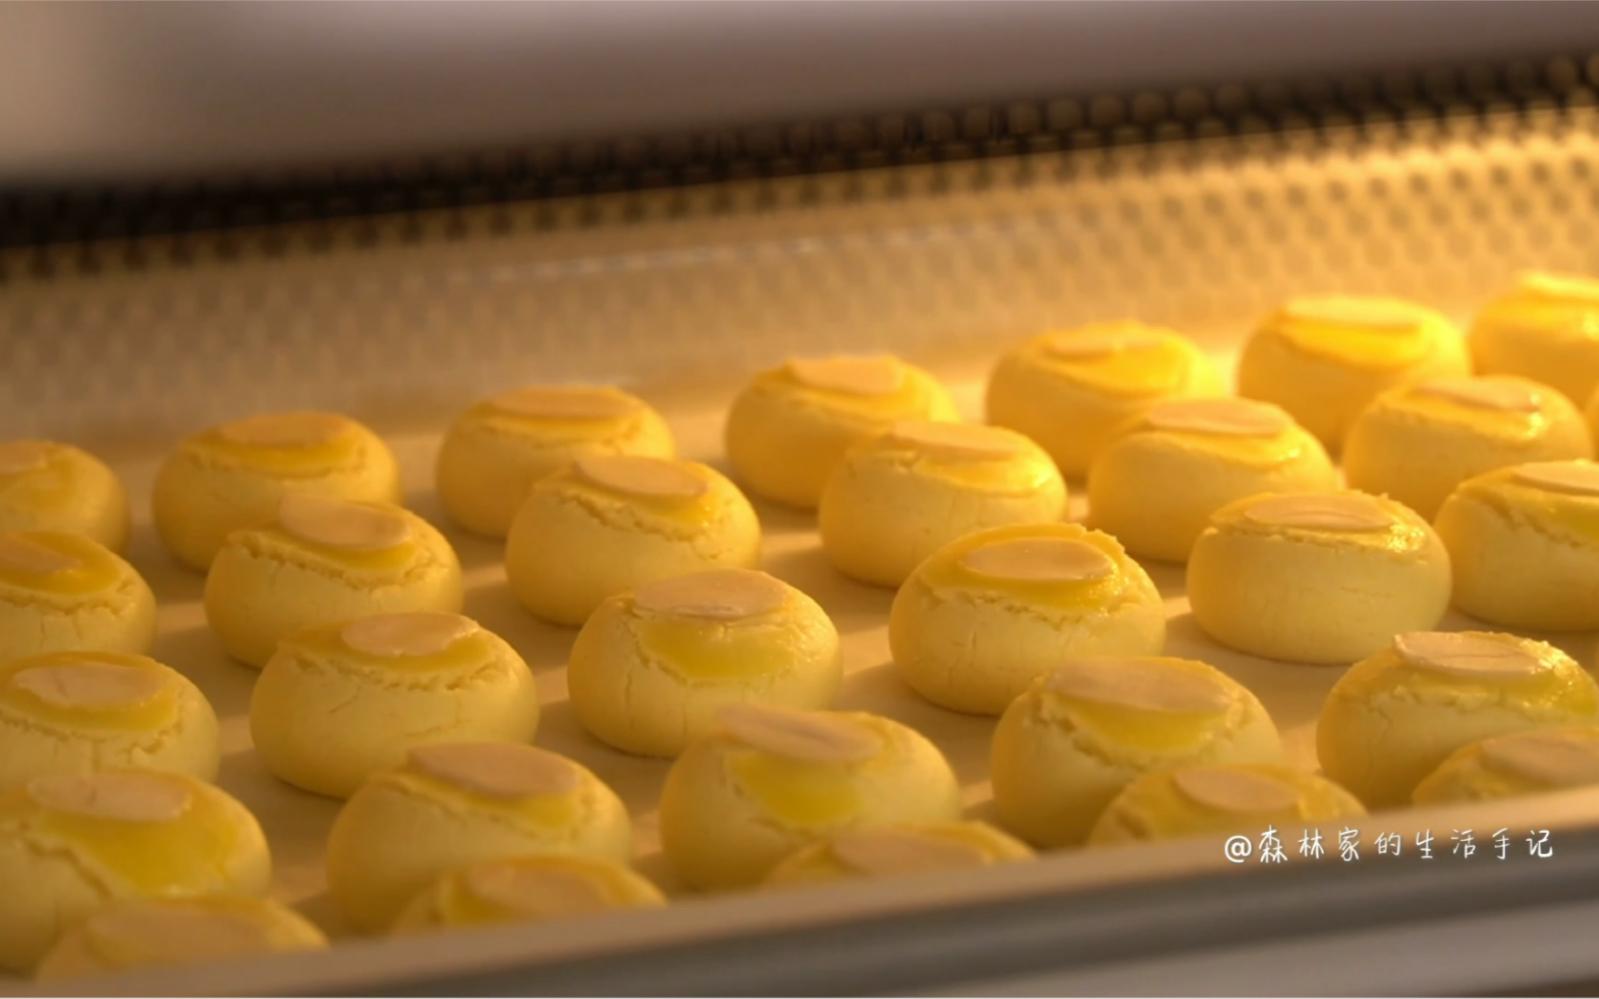 比曲奇还简单 奶香浓郁 酥到掉渣的一口酥